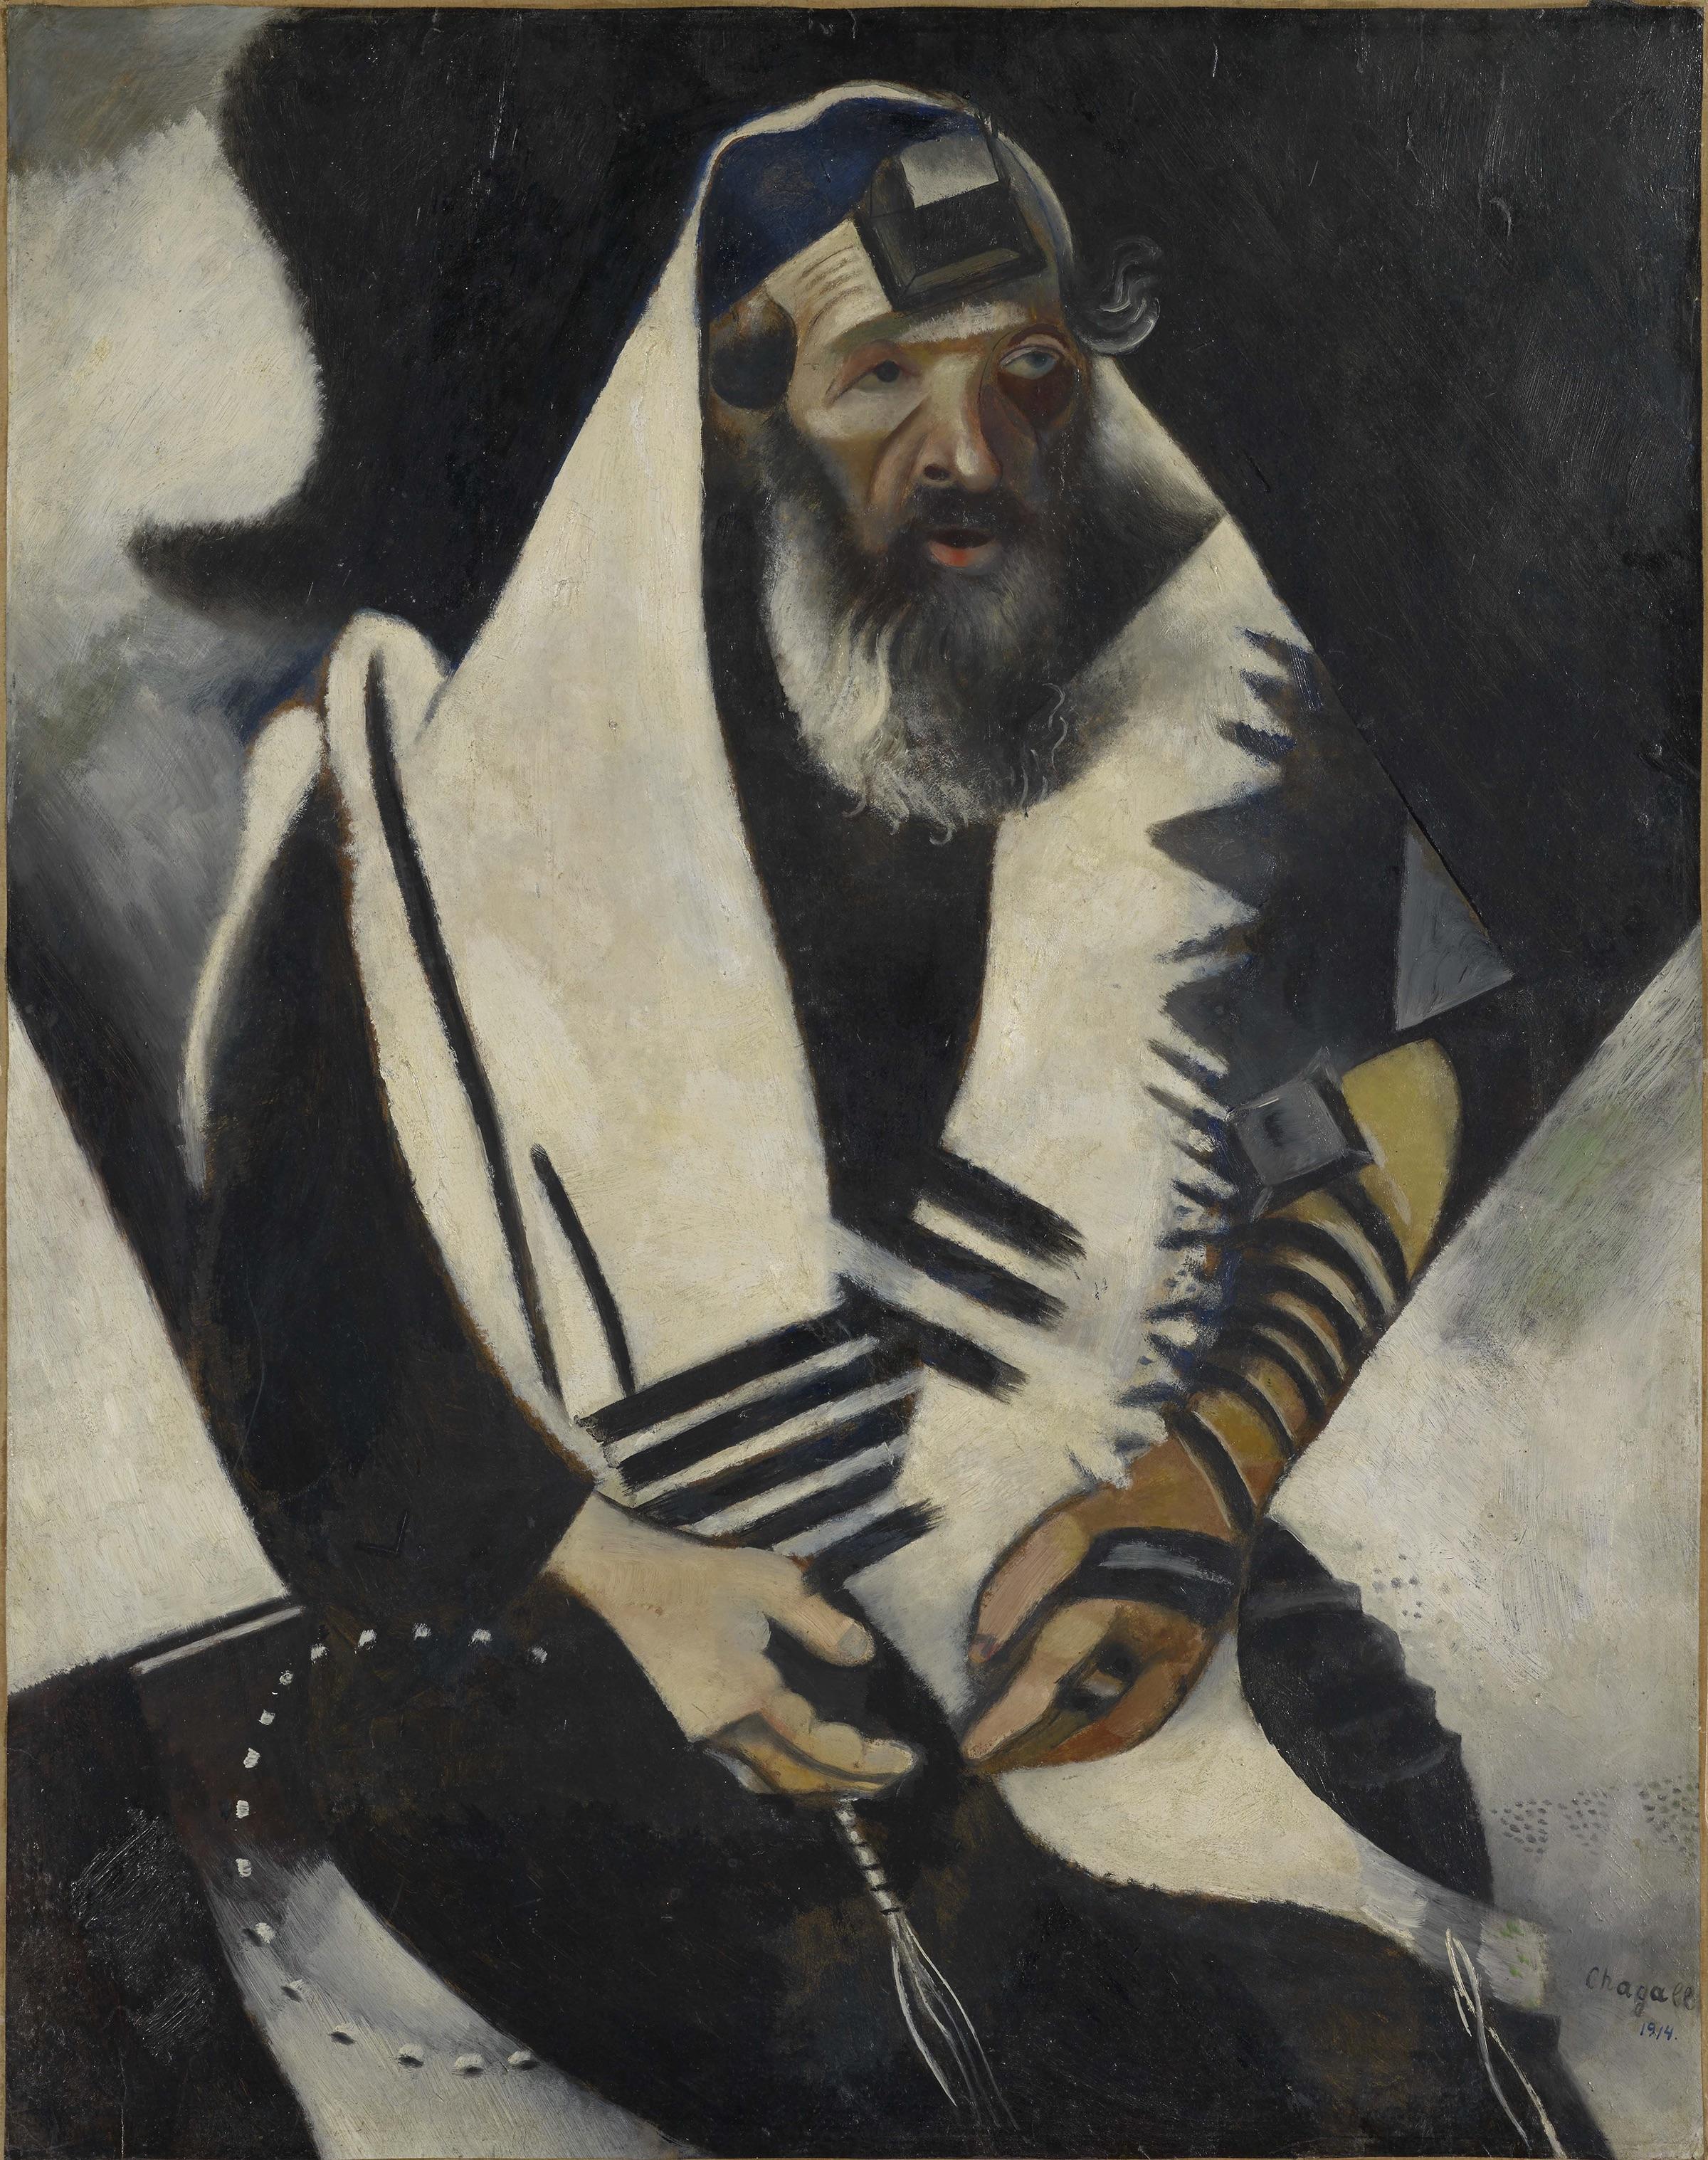 Marc Chagall; Der Jude in Schwarz-Weiss; 1914